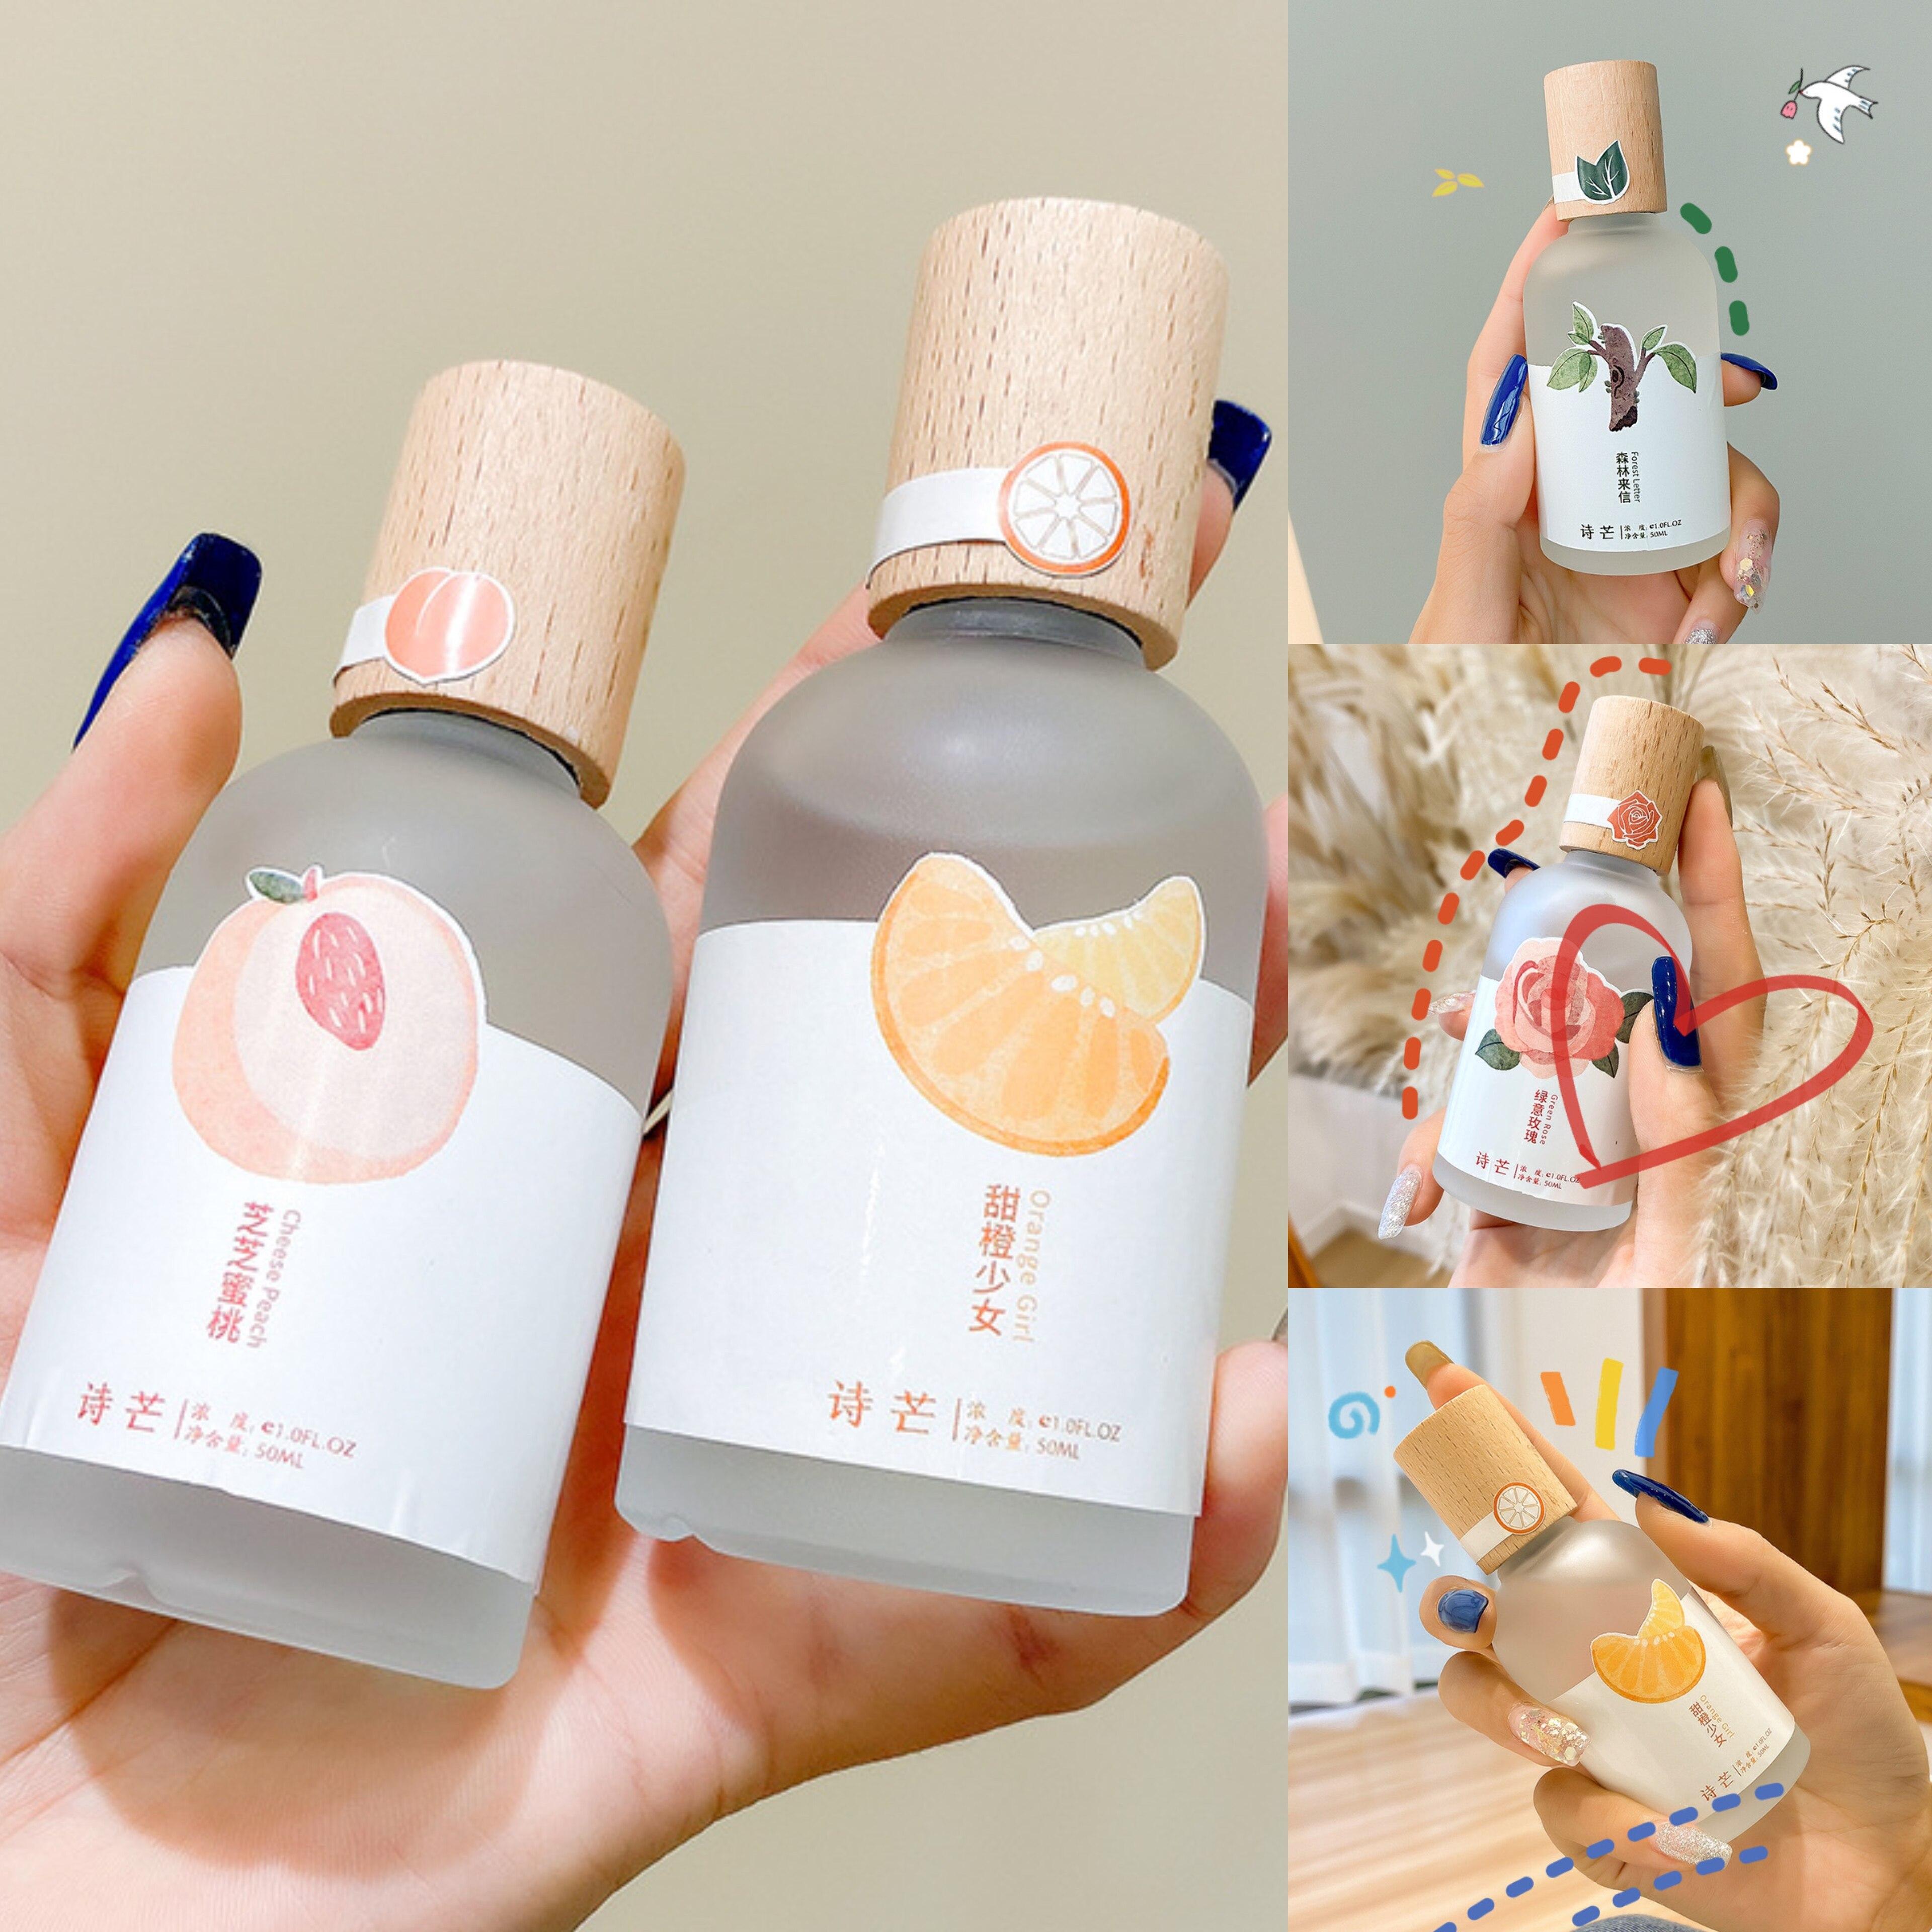 น้ำหอมผู้หญิง น้ำหอม Shi Mang 50ml กลิ่นหอมติดทนนาน นักเรียน น้ำหอมกลิ่นสดชื่นและเป็นธรรมชาติ สามารถใช้ได้ทั้งชายและหญิง.